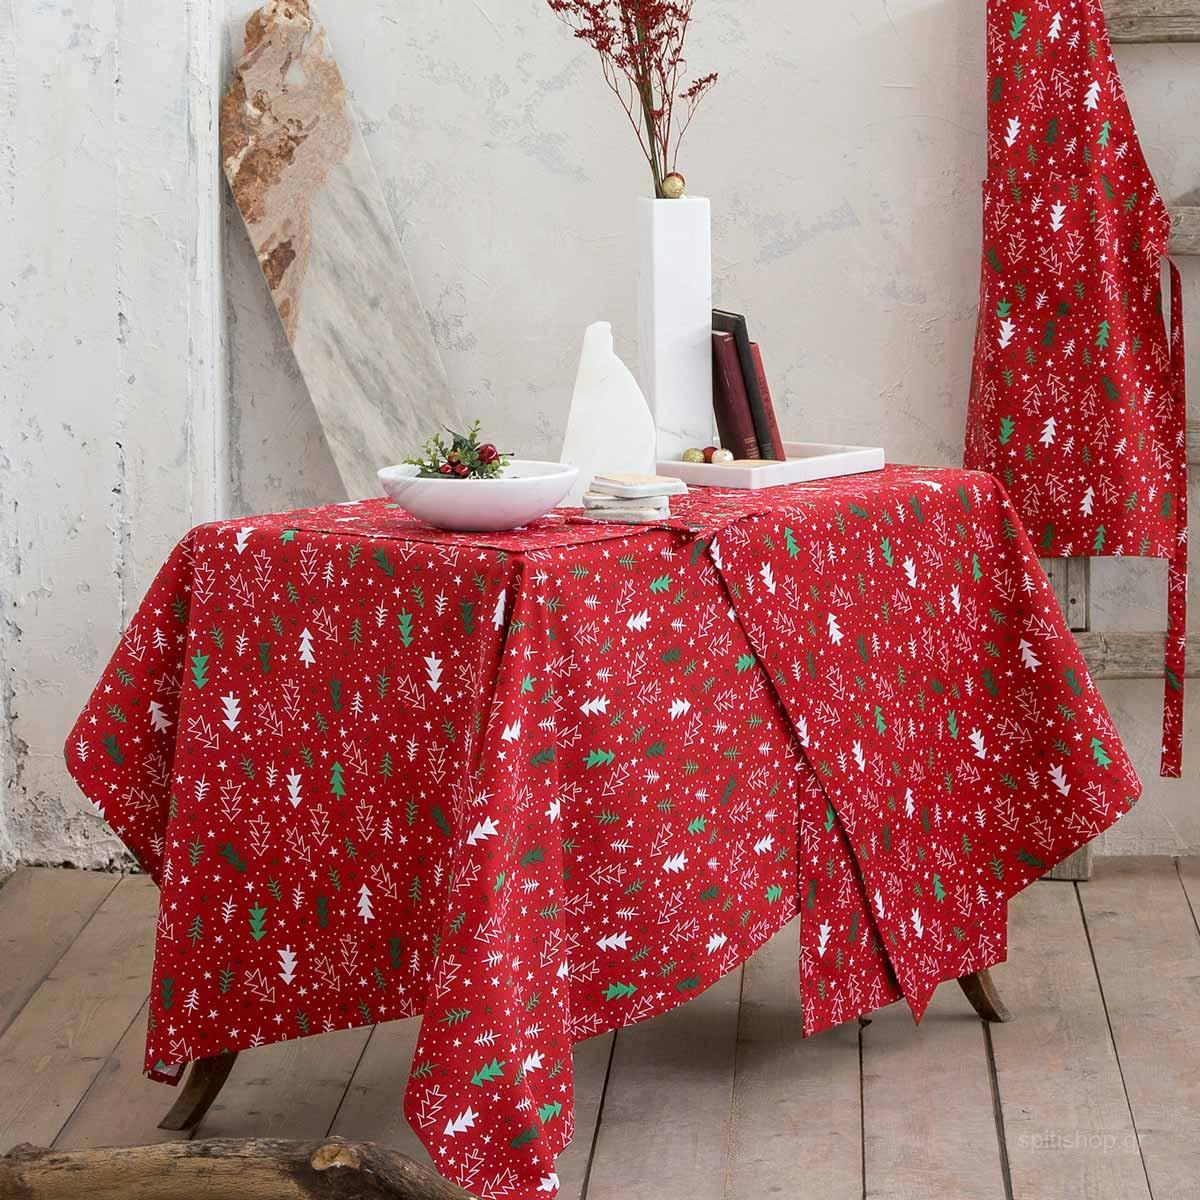 Χριστουγεννιάτικο Τραπεζομάντηλο (150×250) Nima Be Merry